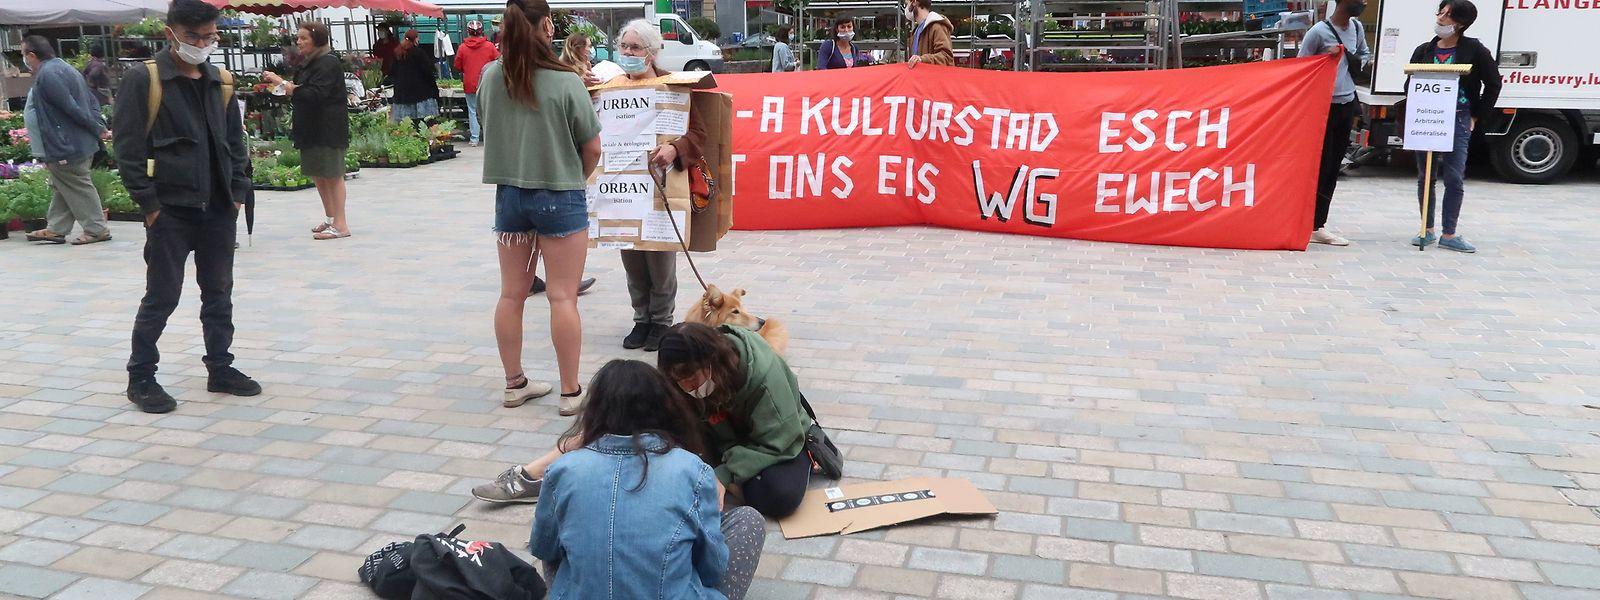 Am Freitag fand erneut eine Protestaktion wegen der WG-Regeln vor dem Rathaus statt. Dieses Mal fand sie aber weniger Anklang.